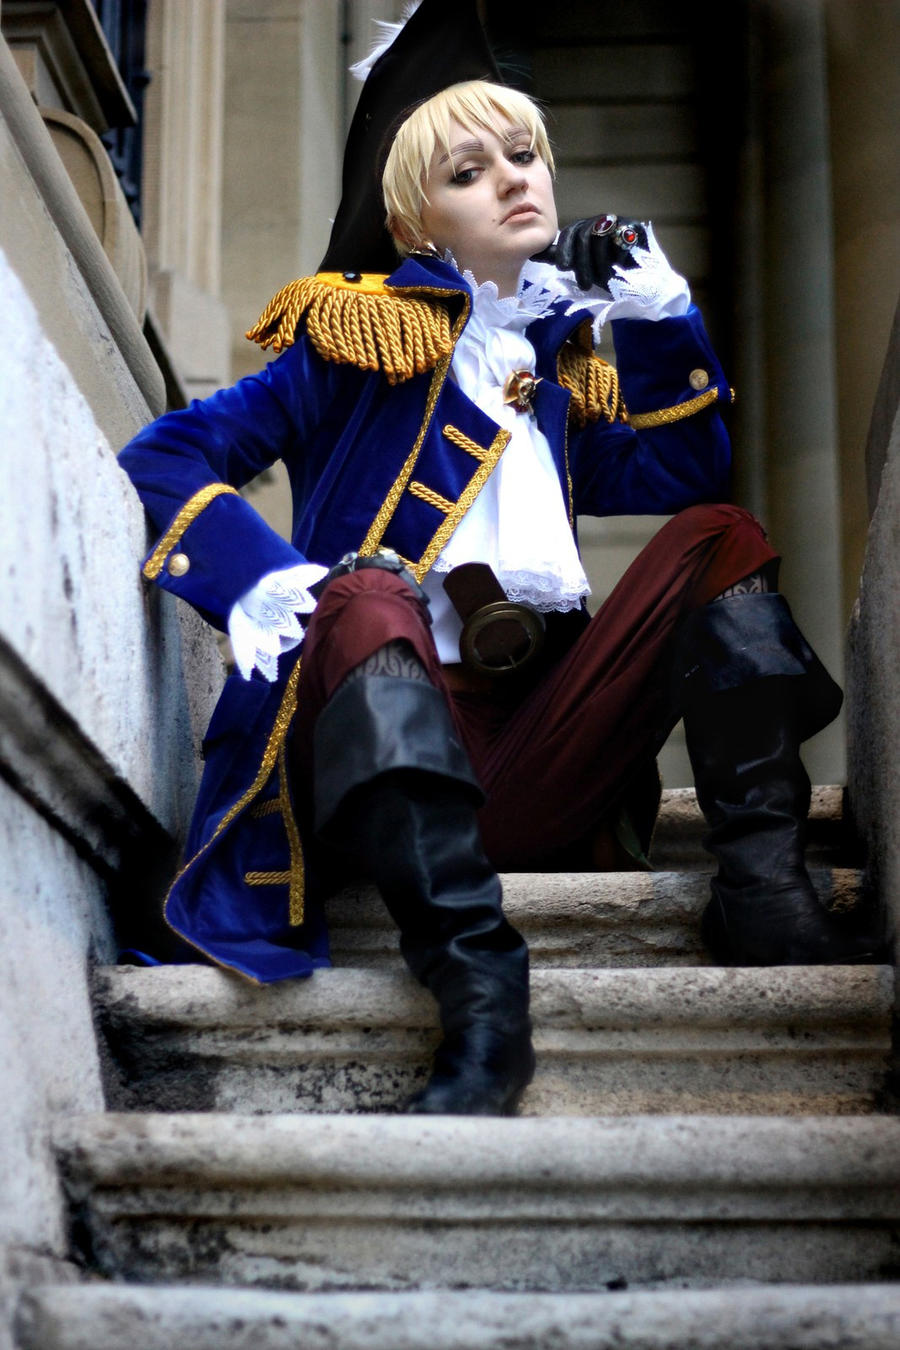 Arthur Kirkland: Pirate by Carrotelino